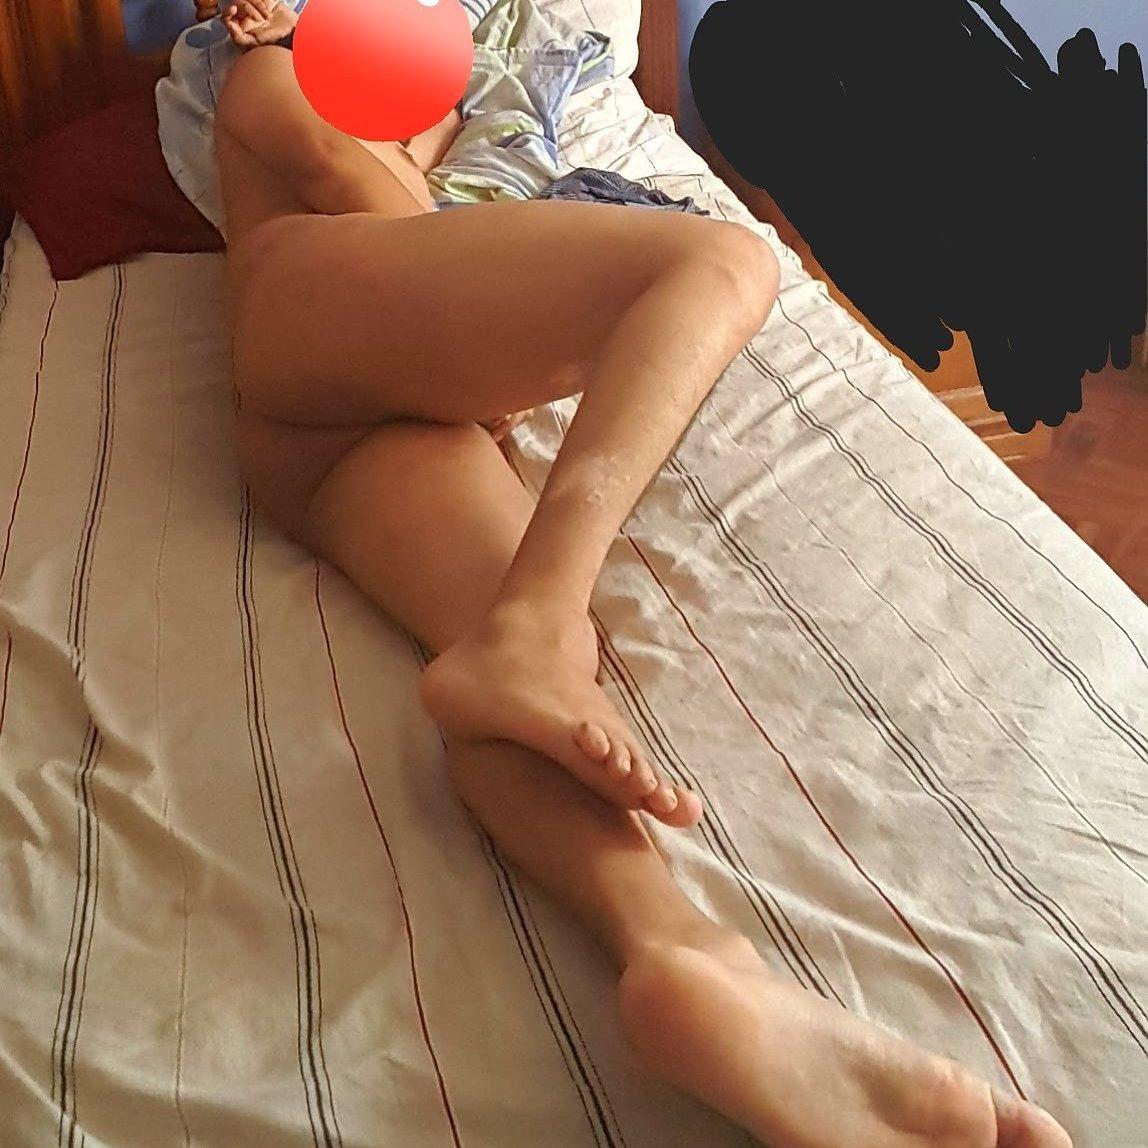 Poringuero mexicano se muestra sexy en la cama 👍